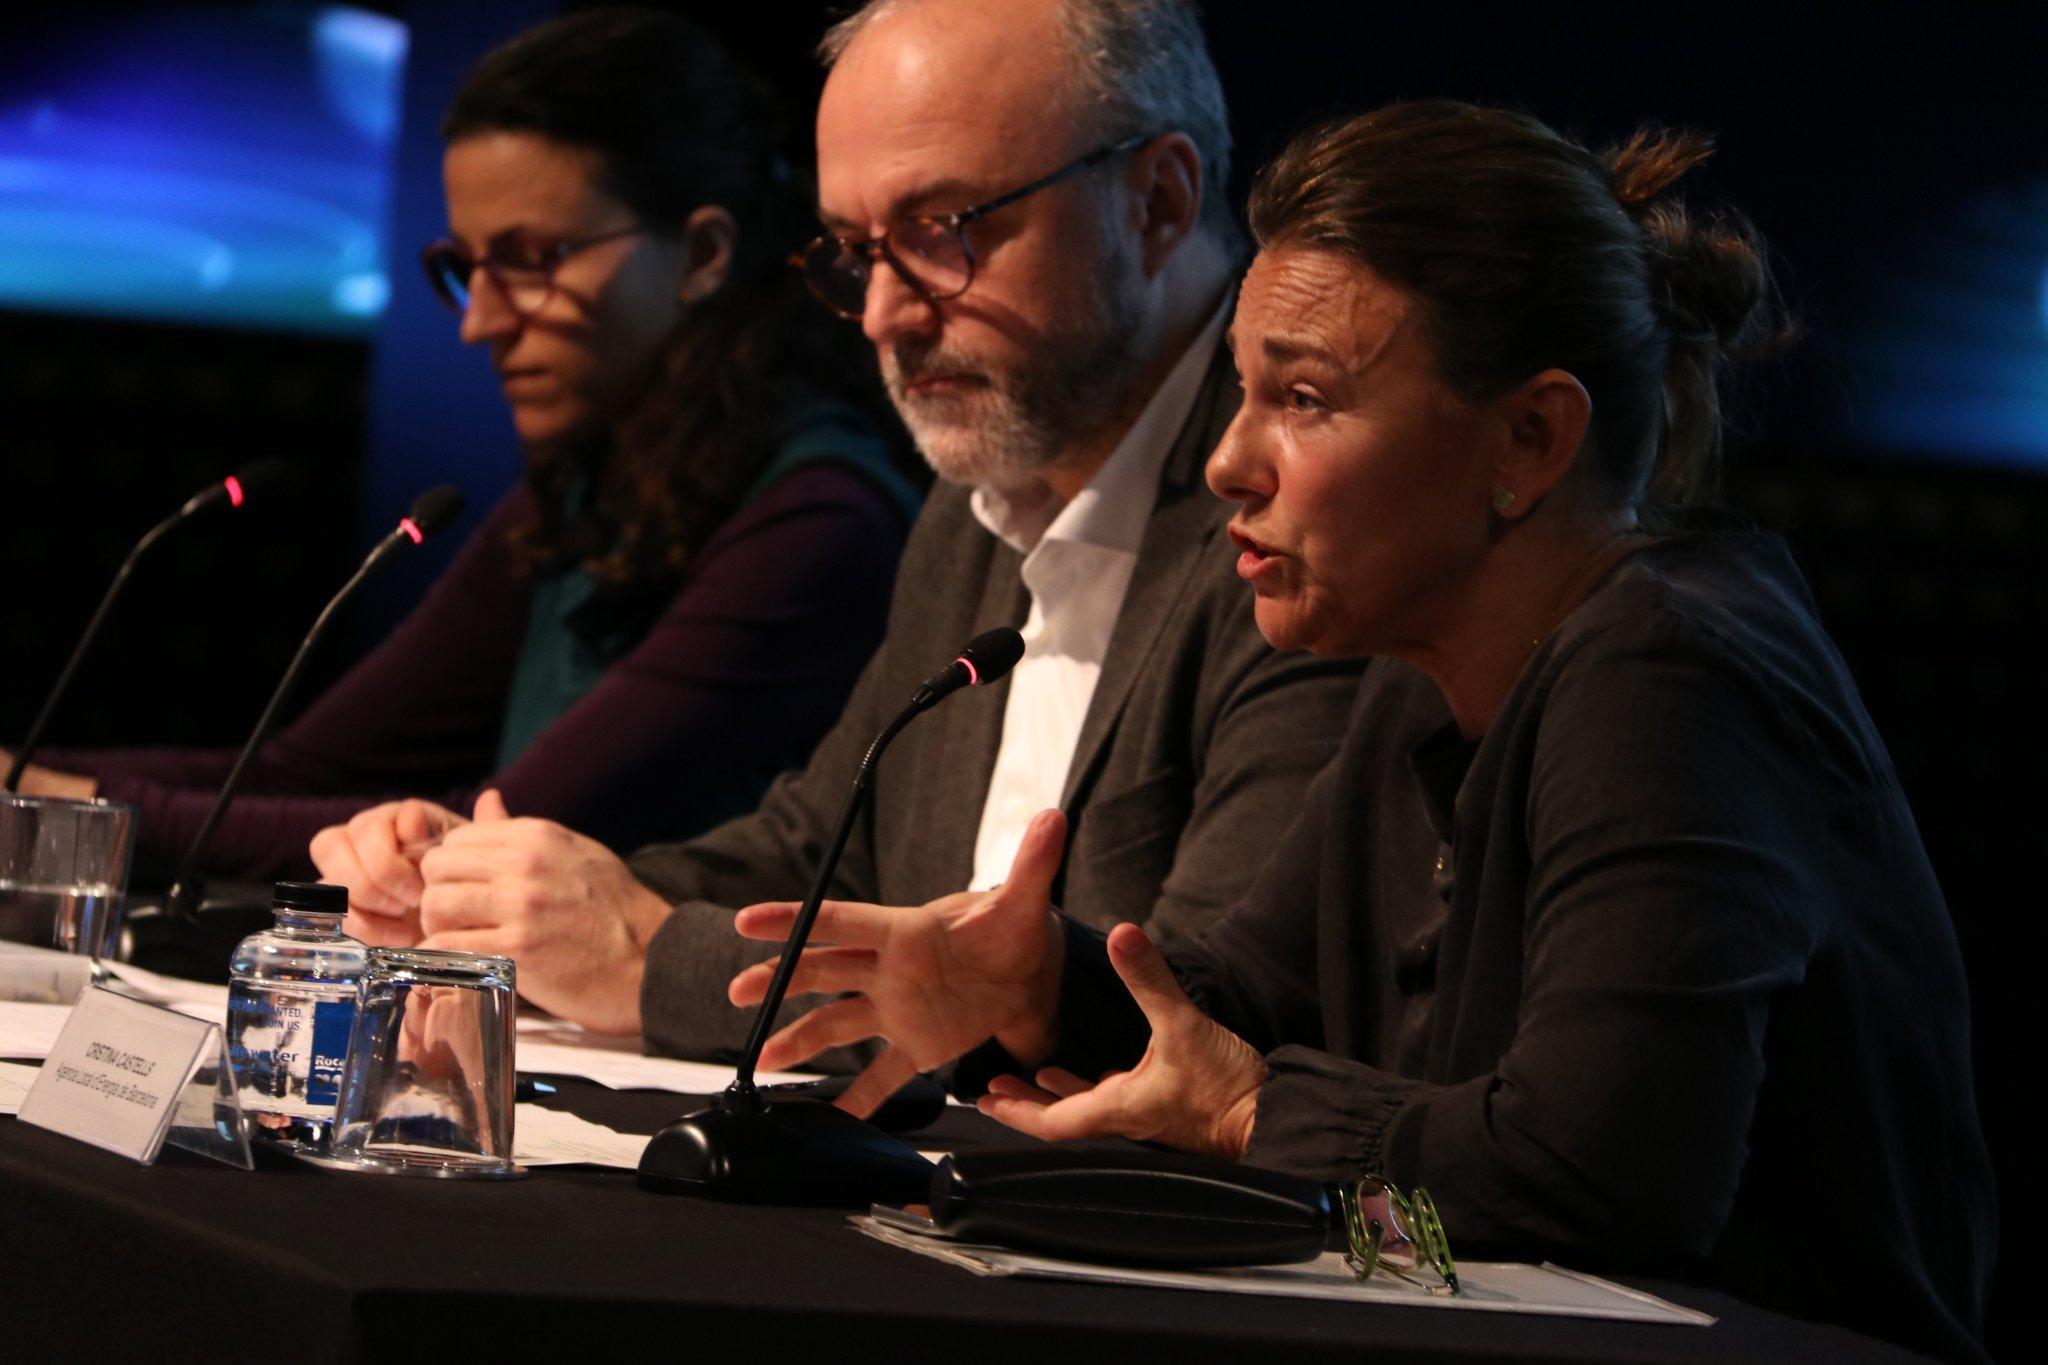 Cristina Castells, Oriol Estela i Elisa Linares durant el 15è esmorzar estratègic del PEMB sobre energia